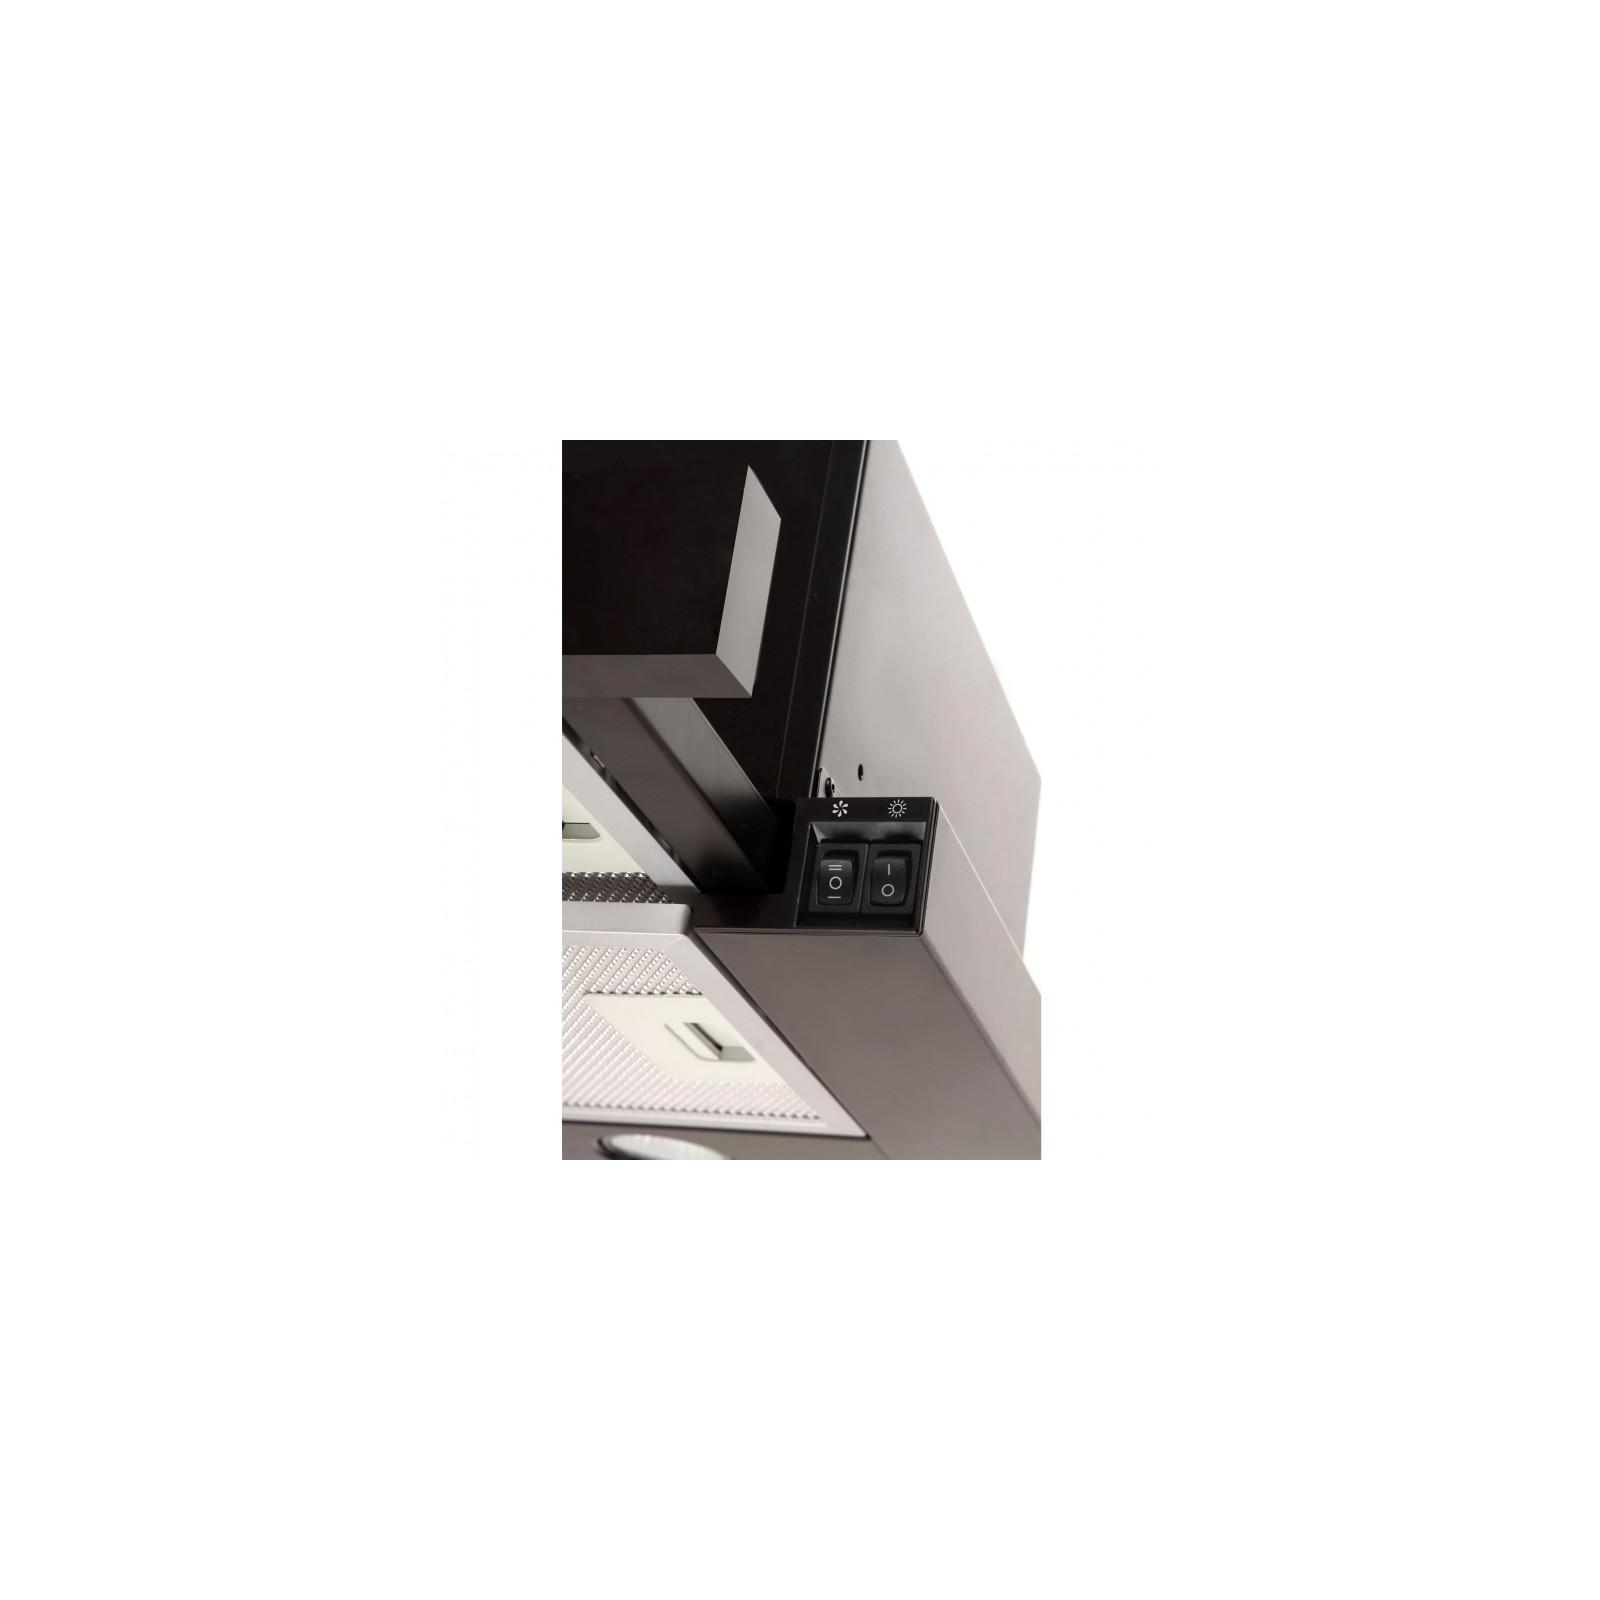 Вытяжка кухонная Eleyus Cyclon 700 60 BL изображение 9